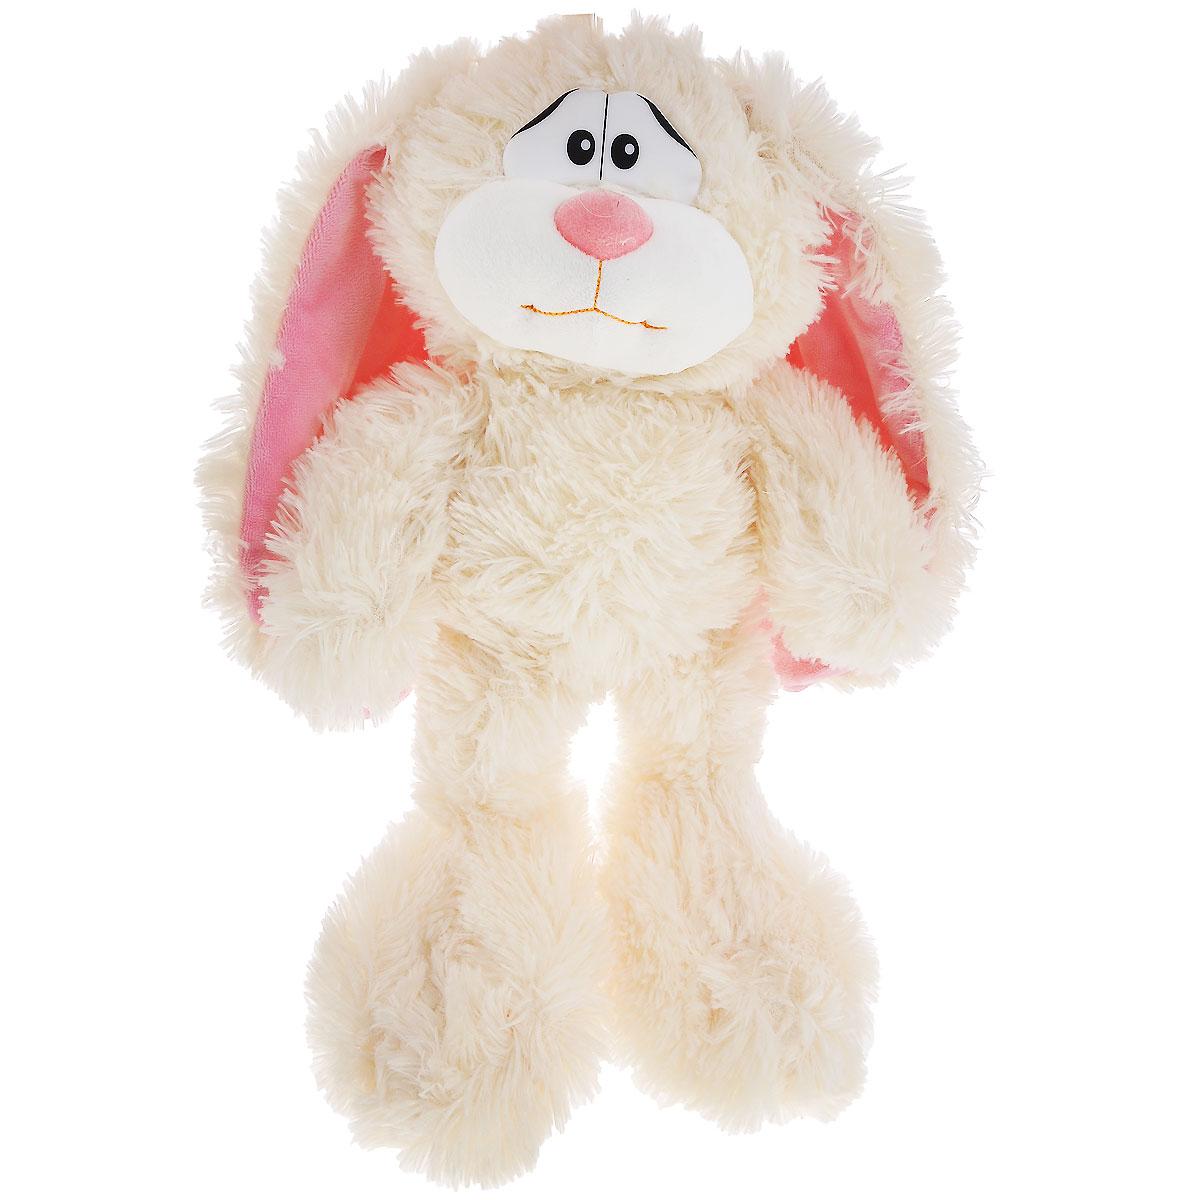 Мягкая игрушка Plush Apple Кролик Лаврик, 36 смKF37039CМилая мягкая игрушка Plush Apple Кролик Лаврик непременно вызовет улыбку у детей и взрослых. Изделие изготовлено из высококачественного и безопасного материала. Игрушка выполнена в виде кролика с пластиковыми глазками. С такой забавной игрушкой можно смело засыпать в кроватке или отправляться на прогулку. Специальные гранулы, используемые при ее набивке, способствуют развитию мелкой моторики рук малыша. Игрушка способствует развитию воображения и тактильной чувствительности у детей.